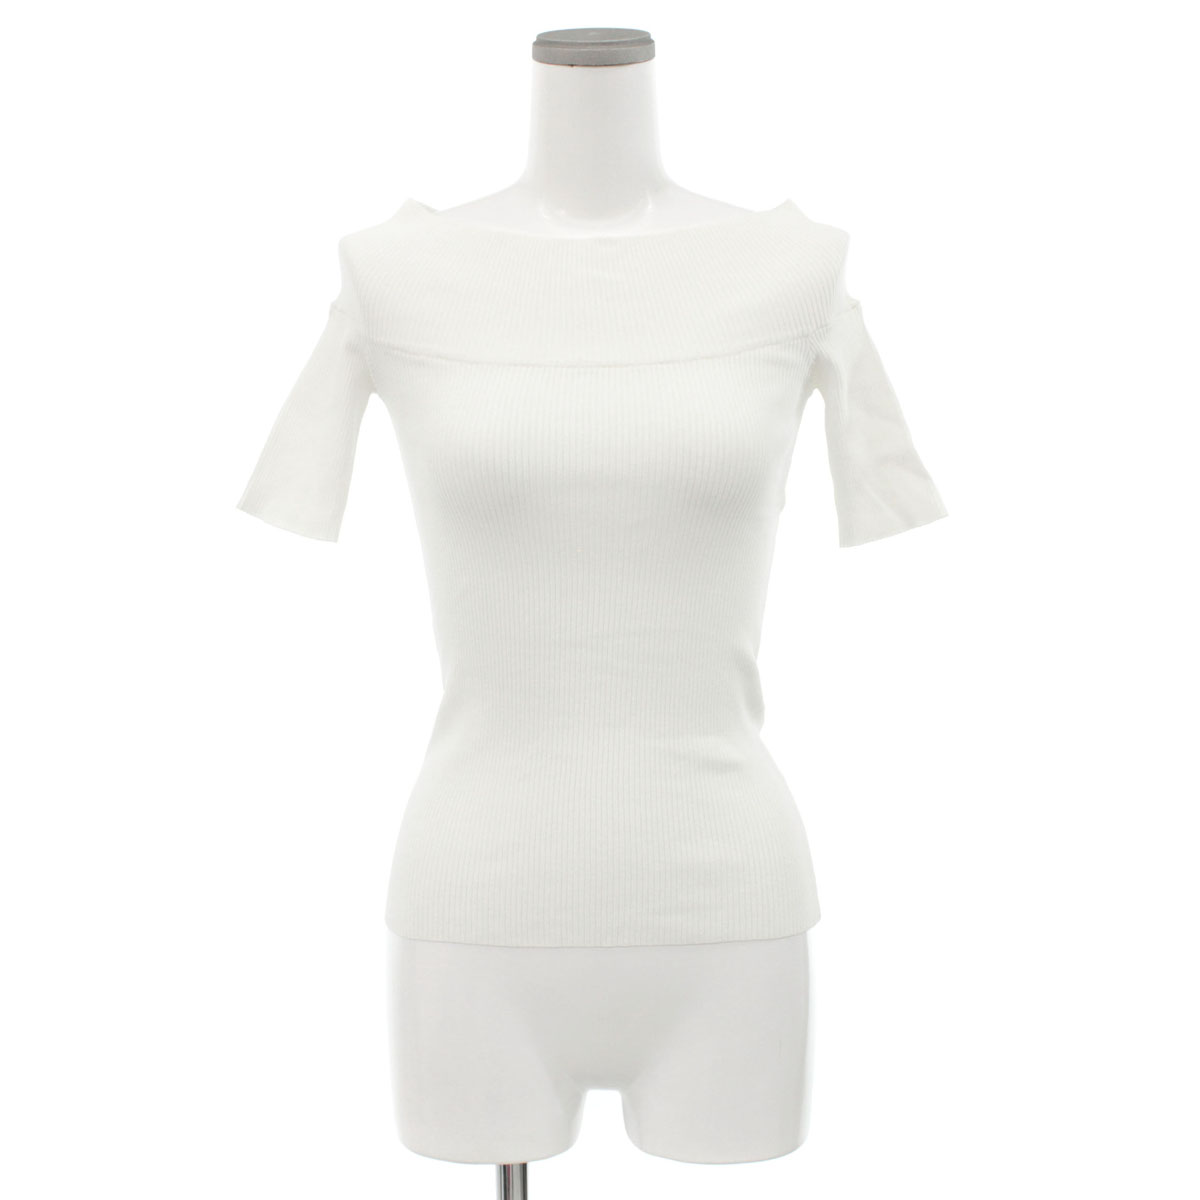 未使用品 Sov. DOUBLE STANDARD 登場大人気アイテム CLOTHING ソブ オフショルダーリブニット サイズ38 タイト メーカー直売 半袖 中古 トップス レディース white 白 ホワイト